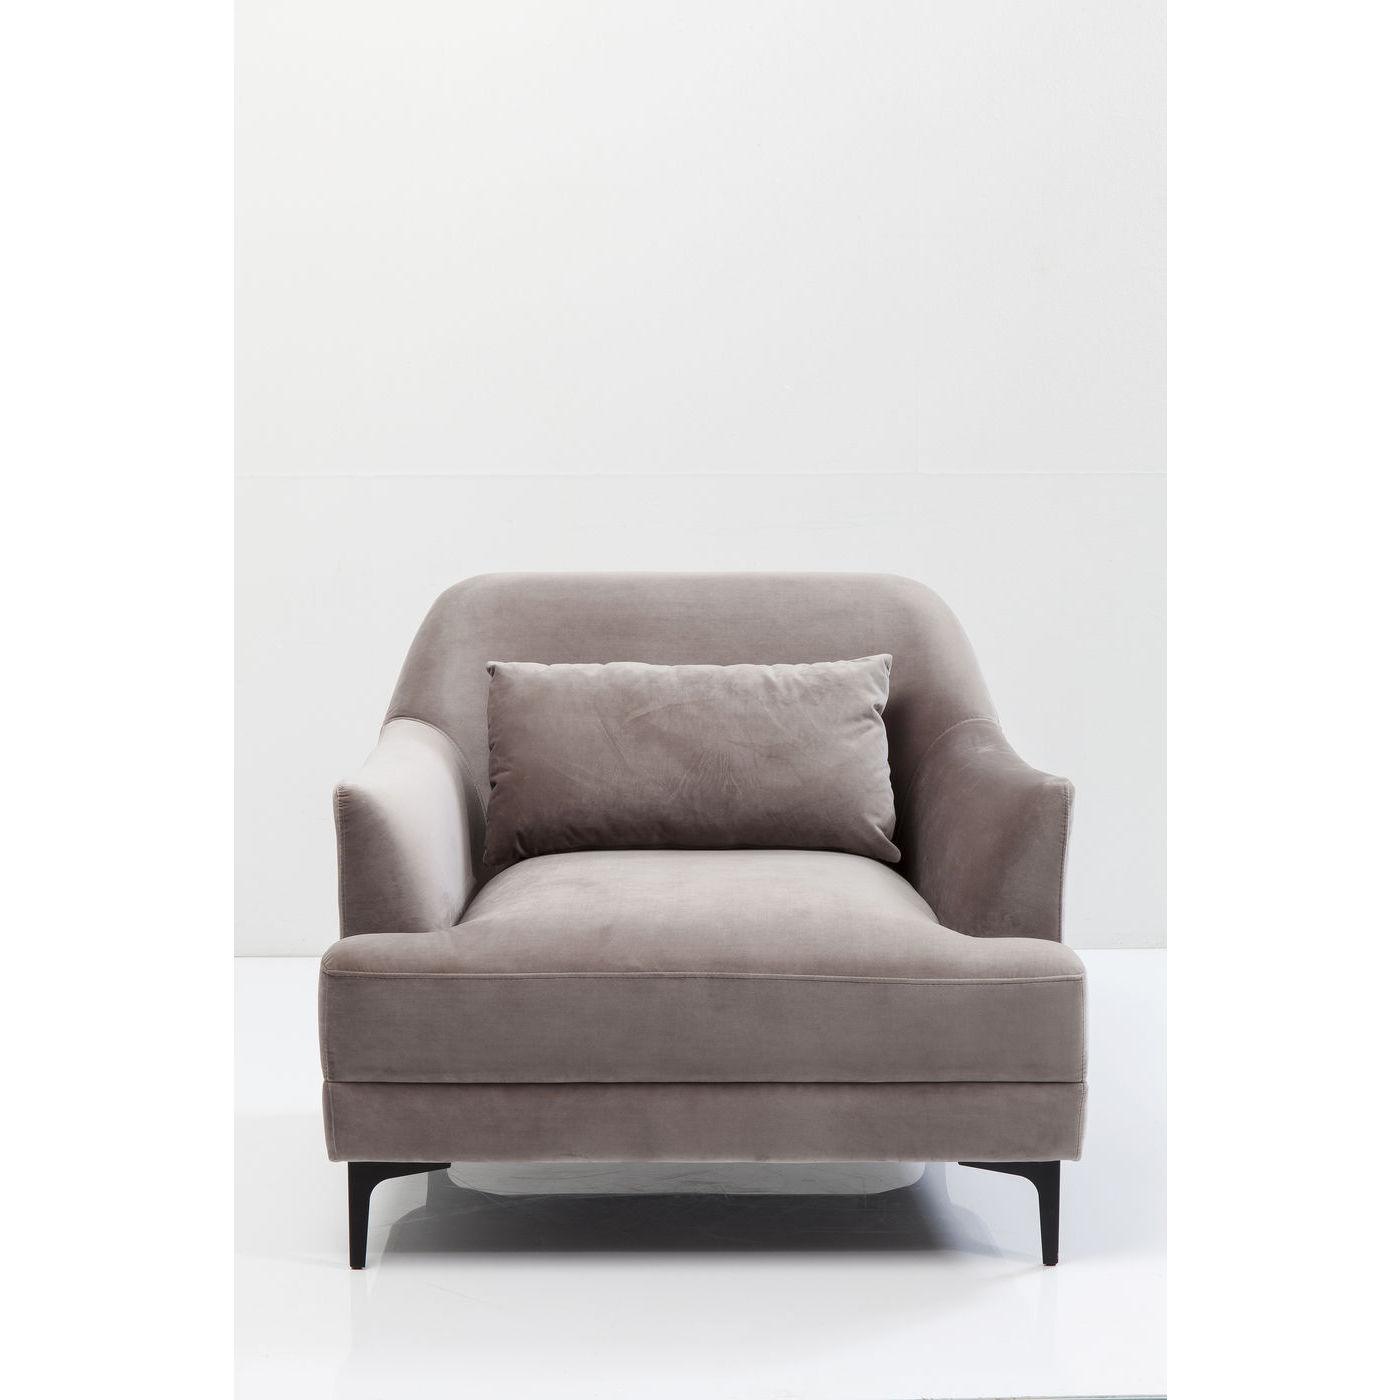 Kare design proud grey lænestol - gråt stof/stål, m. armlæn fra kare design fra boboonline.dk